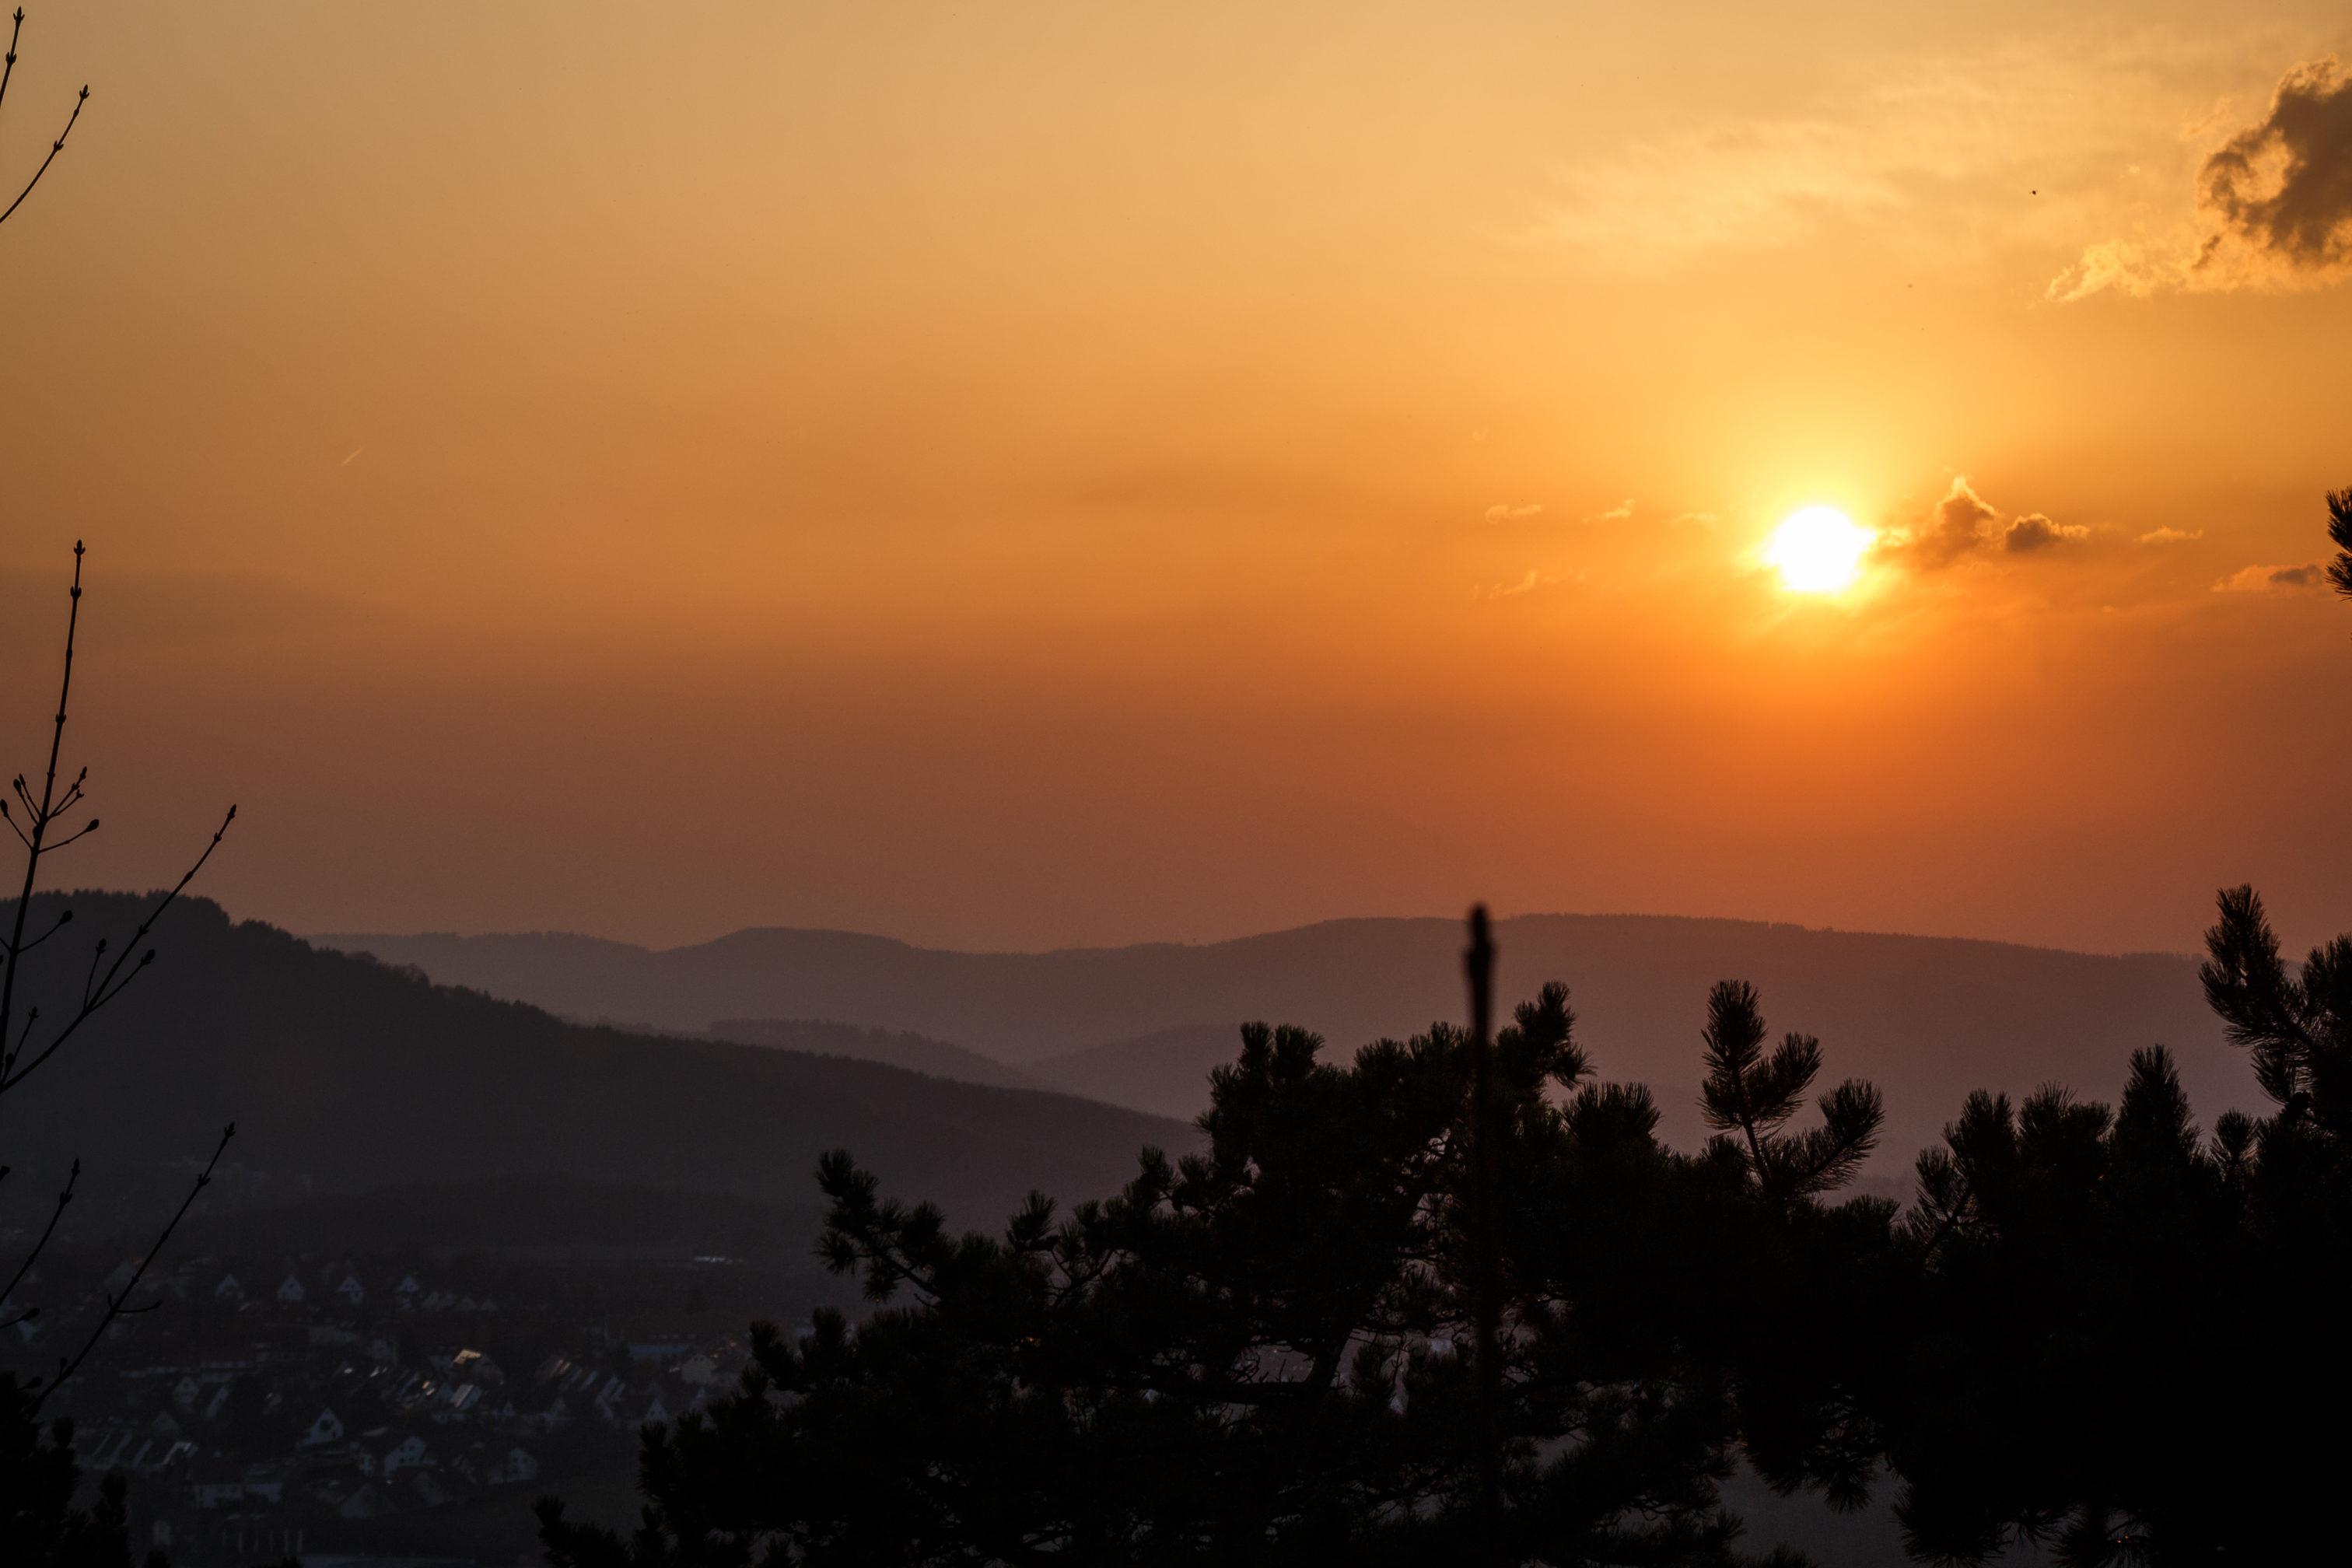 Der Sonnenuntergang mit einem Teleobjektiv, bei noch größerer Brennweite wäre die Sonne noch größer